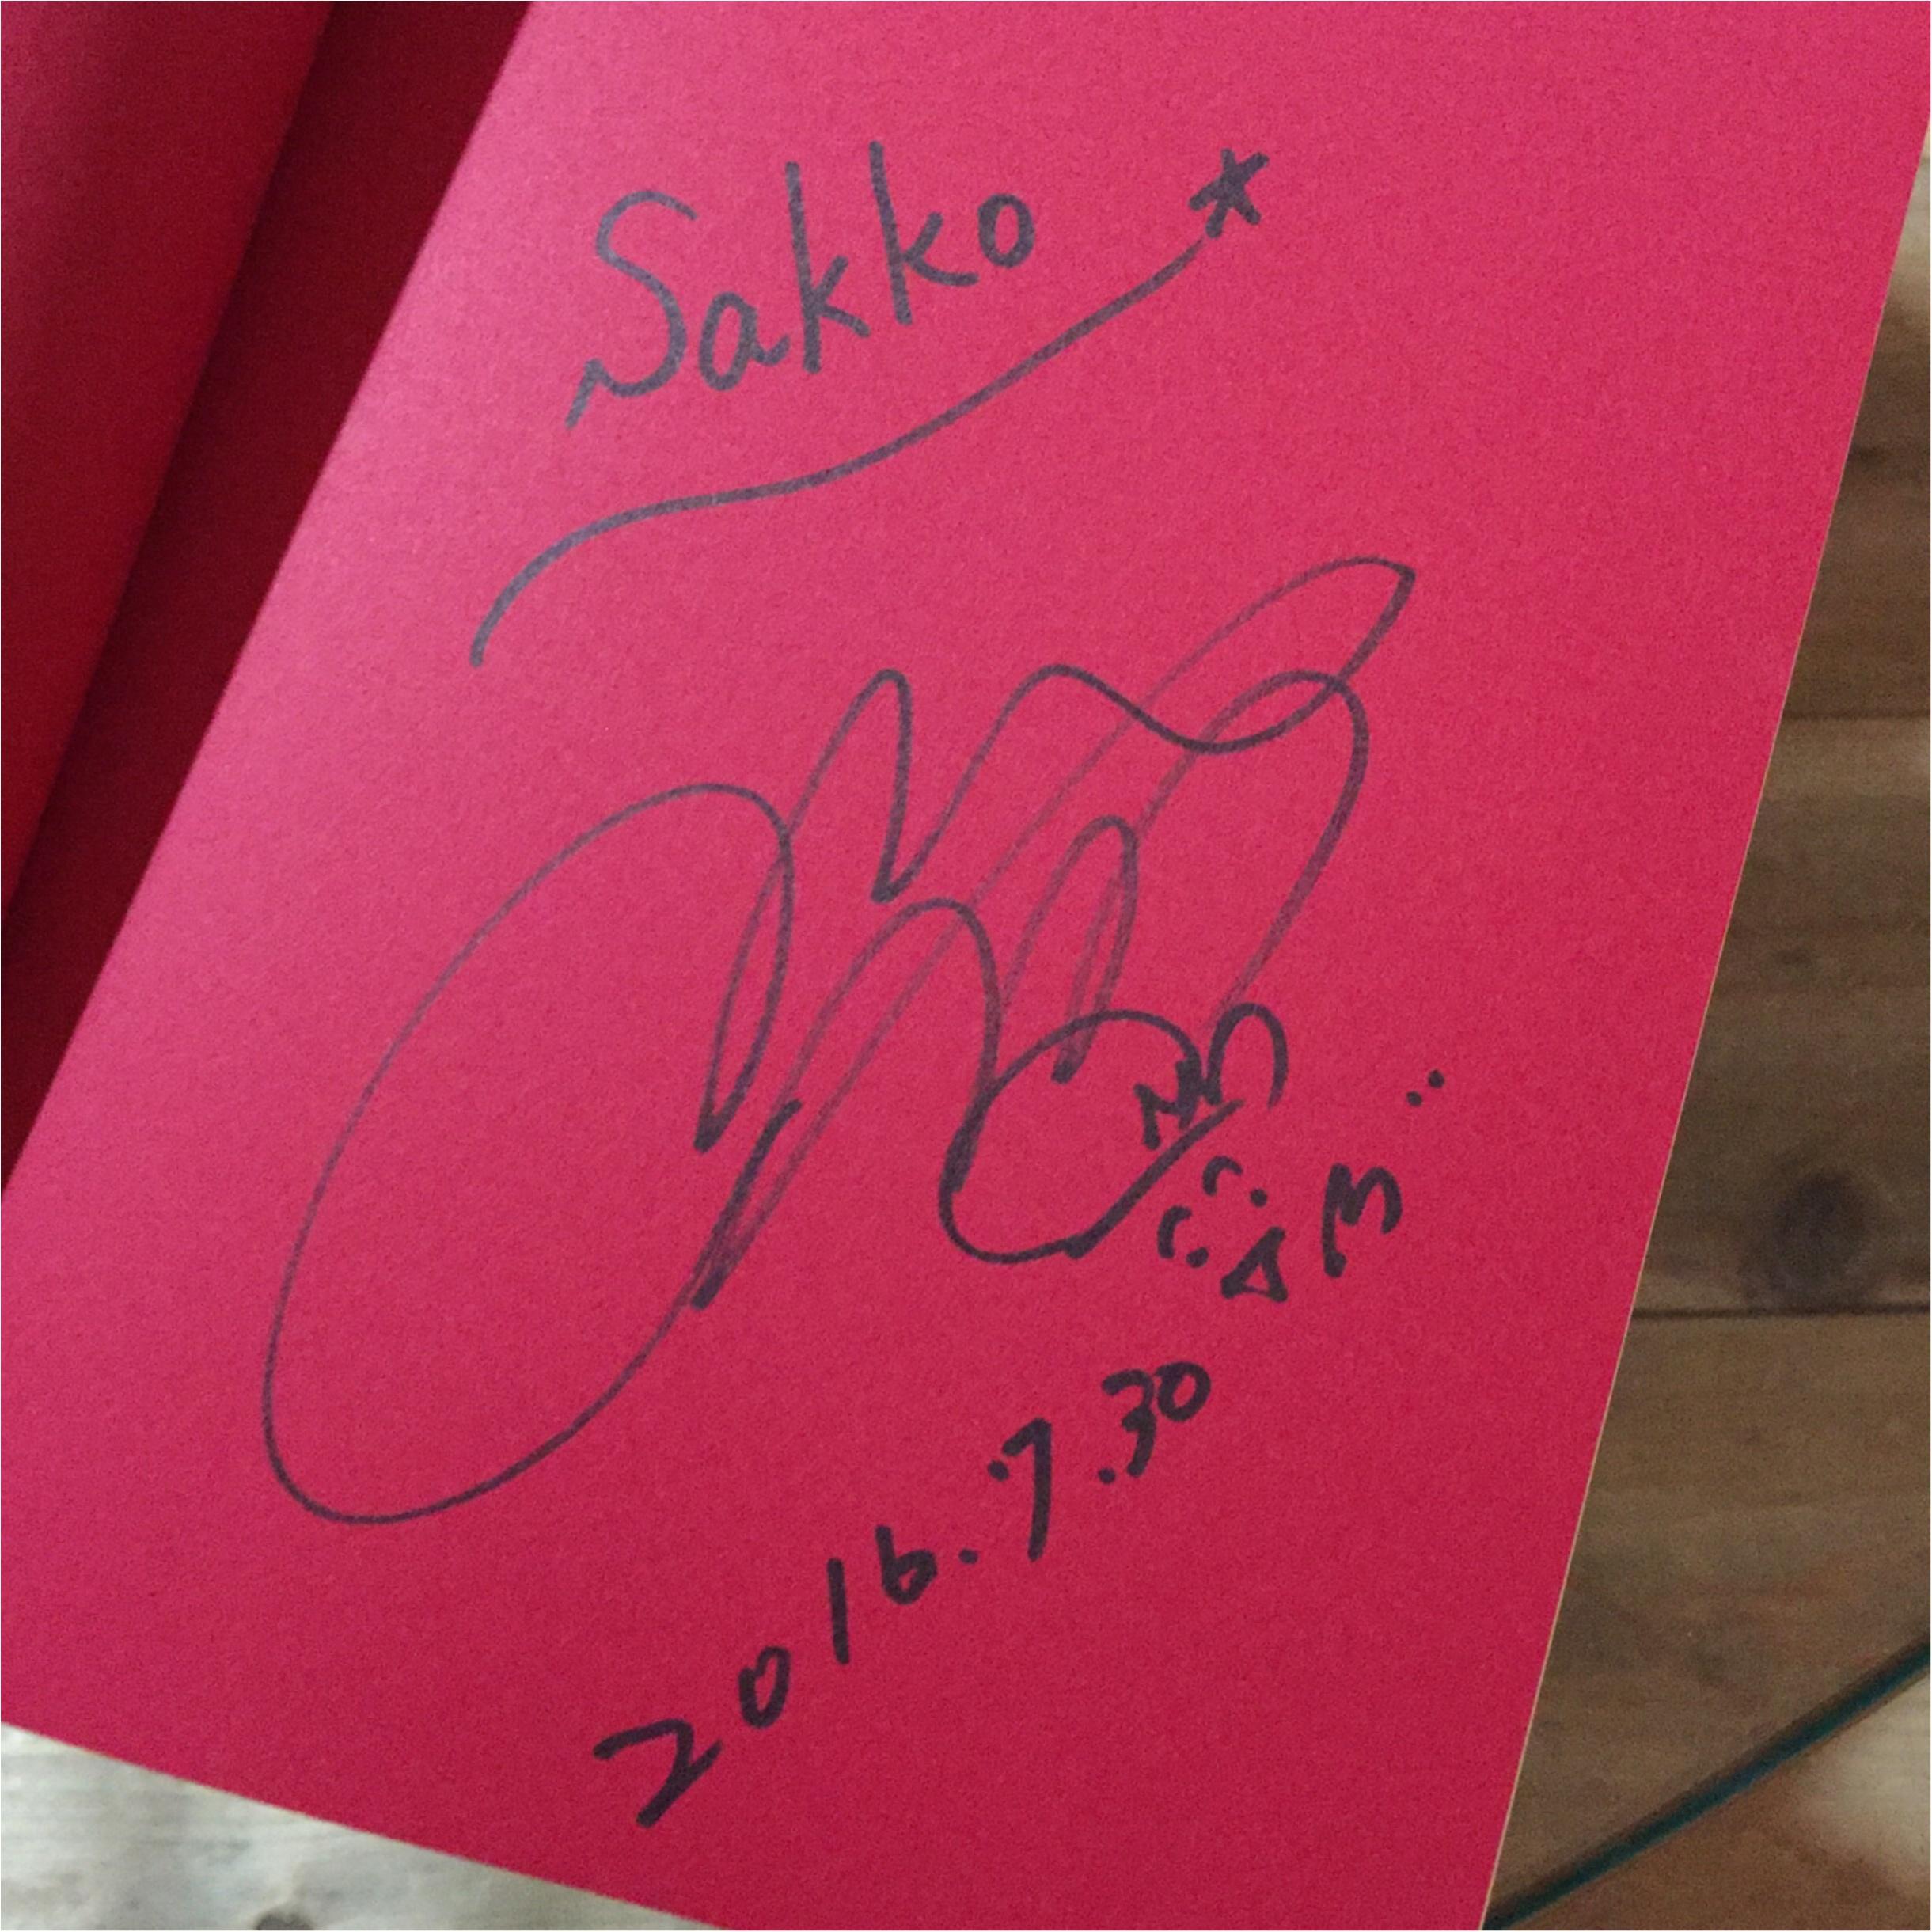 大人気の美容講座が1冊の本に!濱田マサルさんのサイン会へ行ってきました!_3